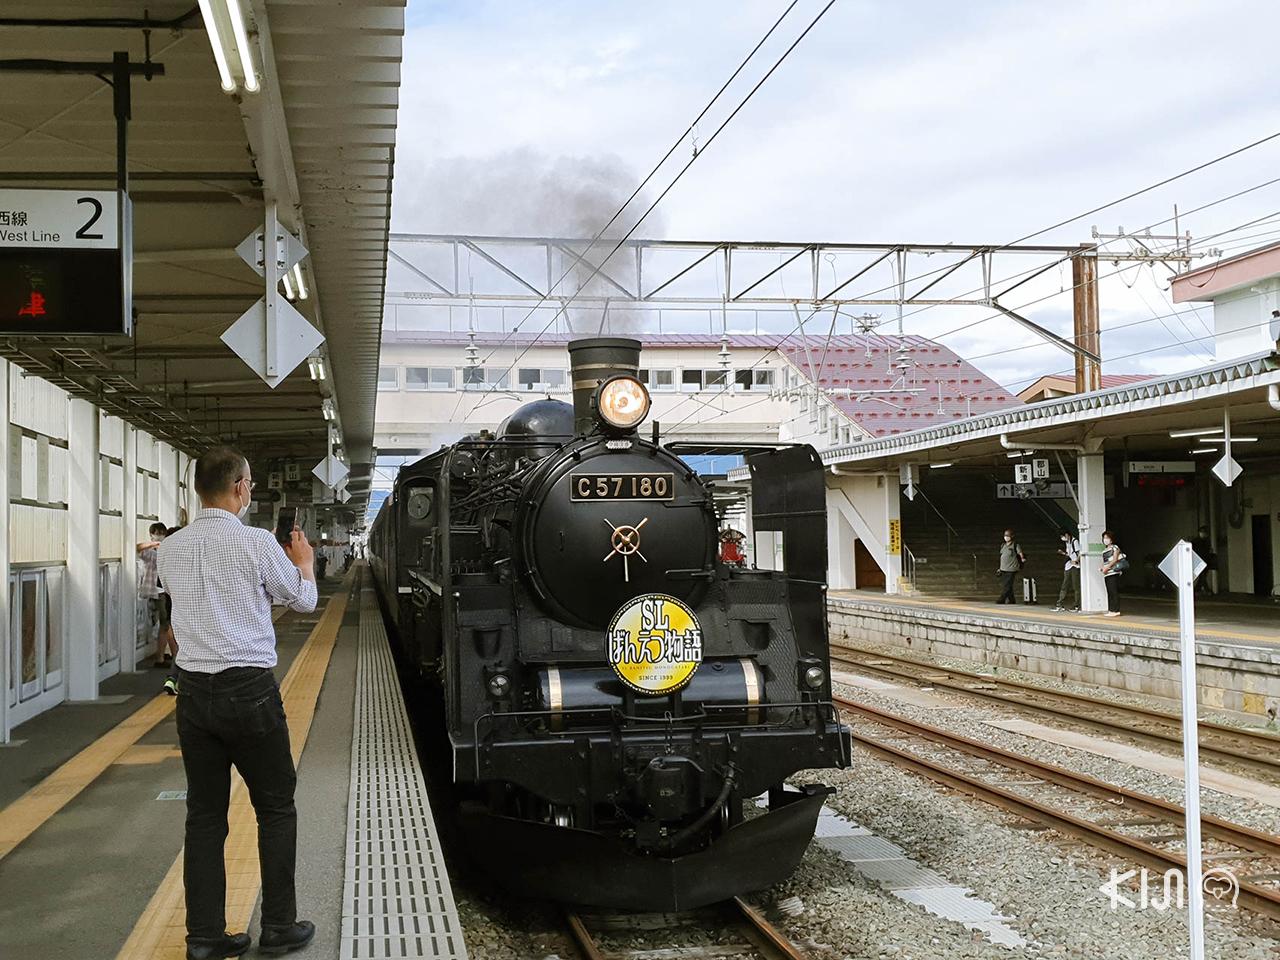 นั่งรถไฟ SL Banetsu Monogatari เที่ยวจ.ฟุกุชิมะ และจ.นีงาตะ โดย JR East Pass (Tohoku Area)